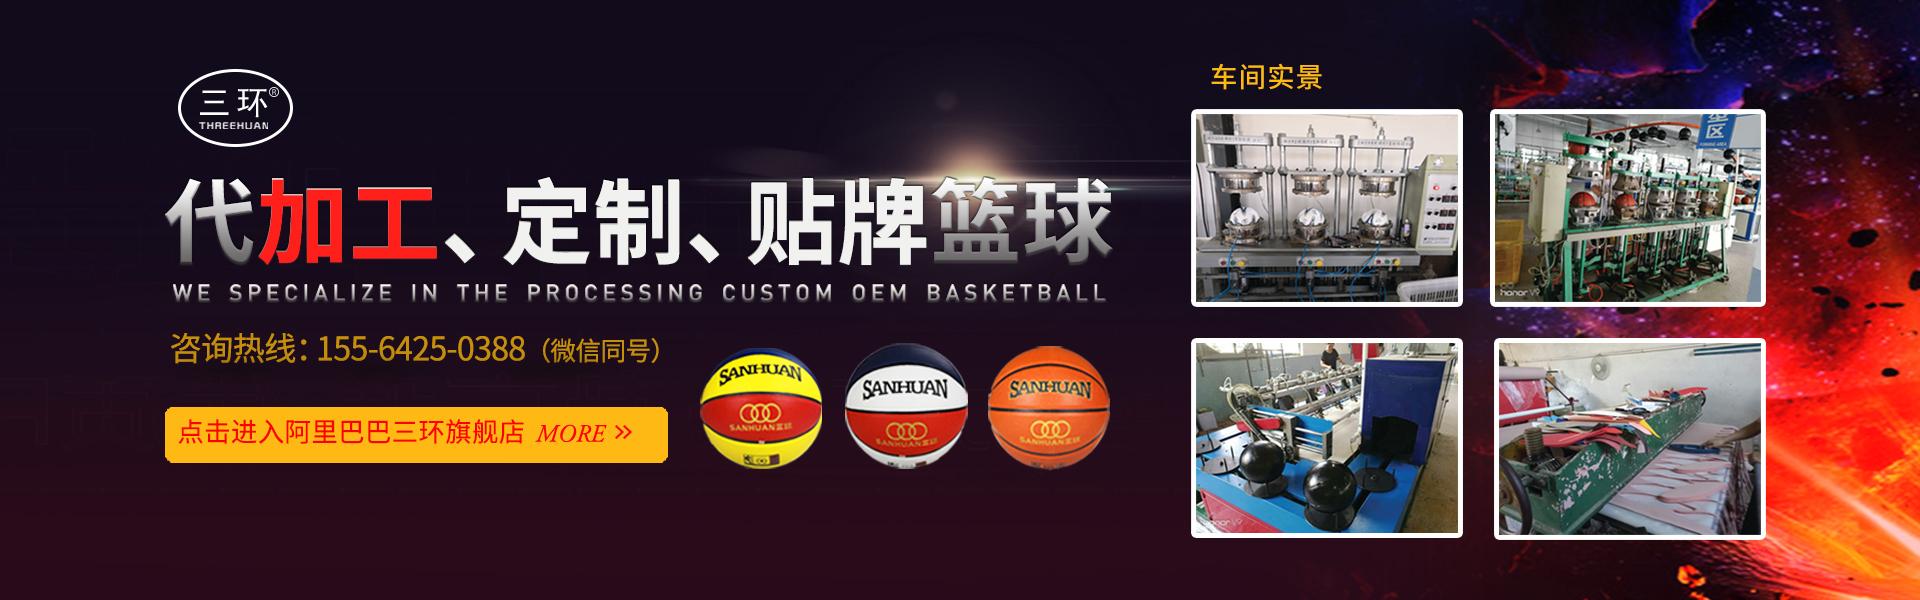 篮球批发,篮球定做,足球批发,山东排球批发,篮球定制,足球定制,临沂市三环体育用品有限公司